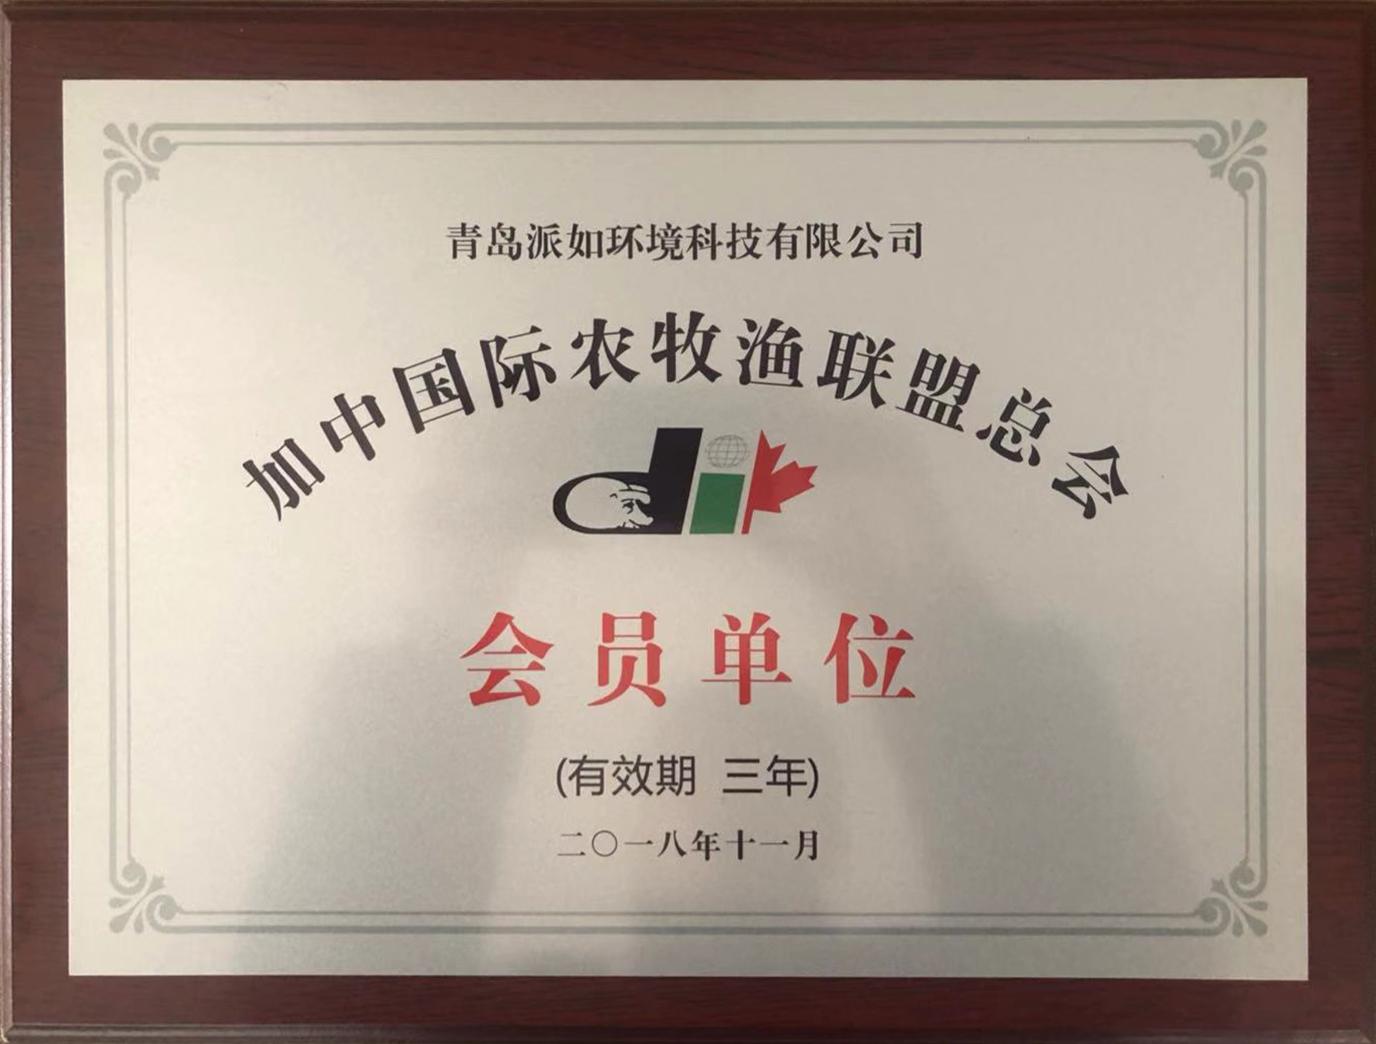 加中國際農牧漁聯盟總會會員單位